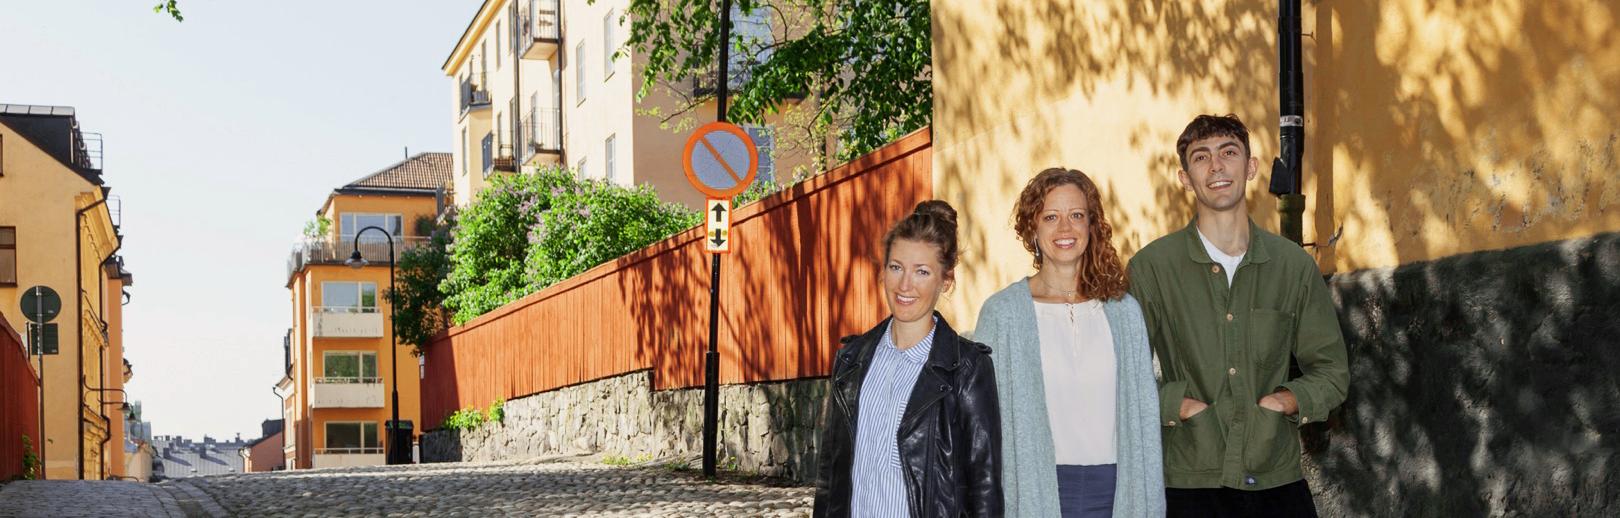 Contentbyrå i stockholm